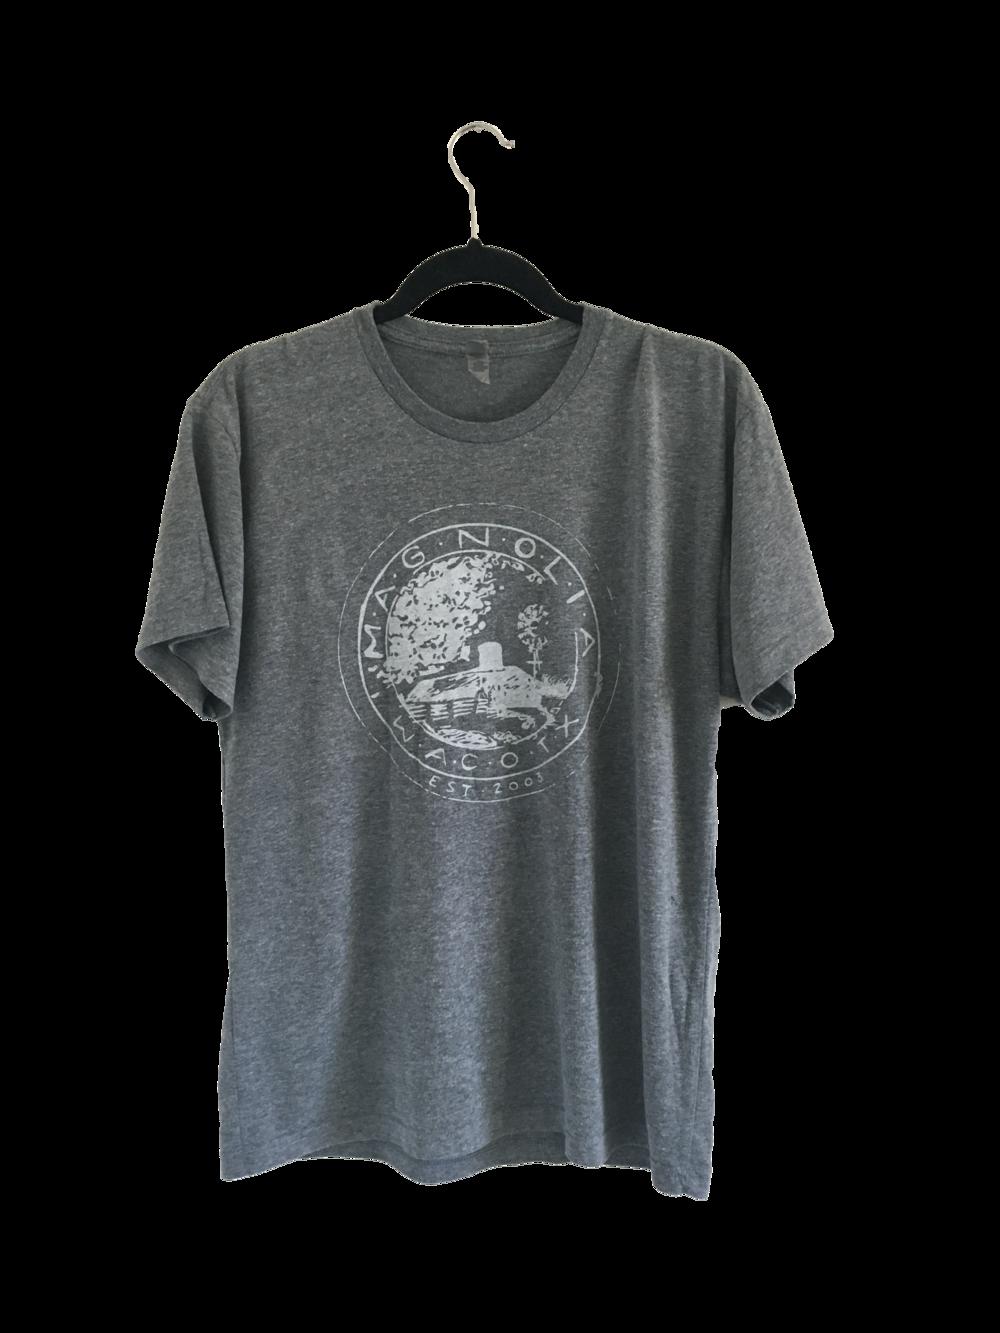 Magnolia T-shirt.png